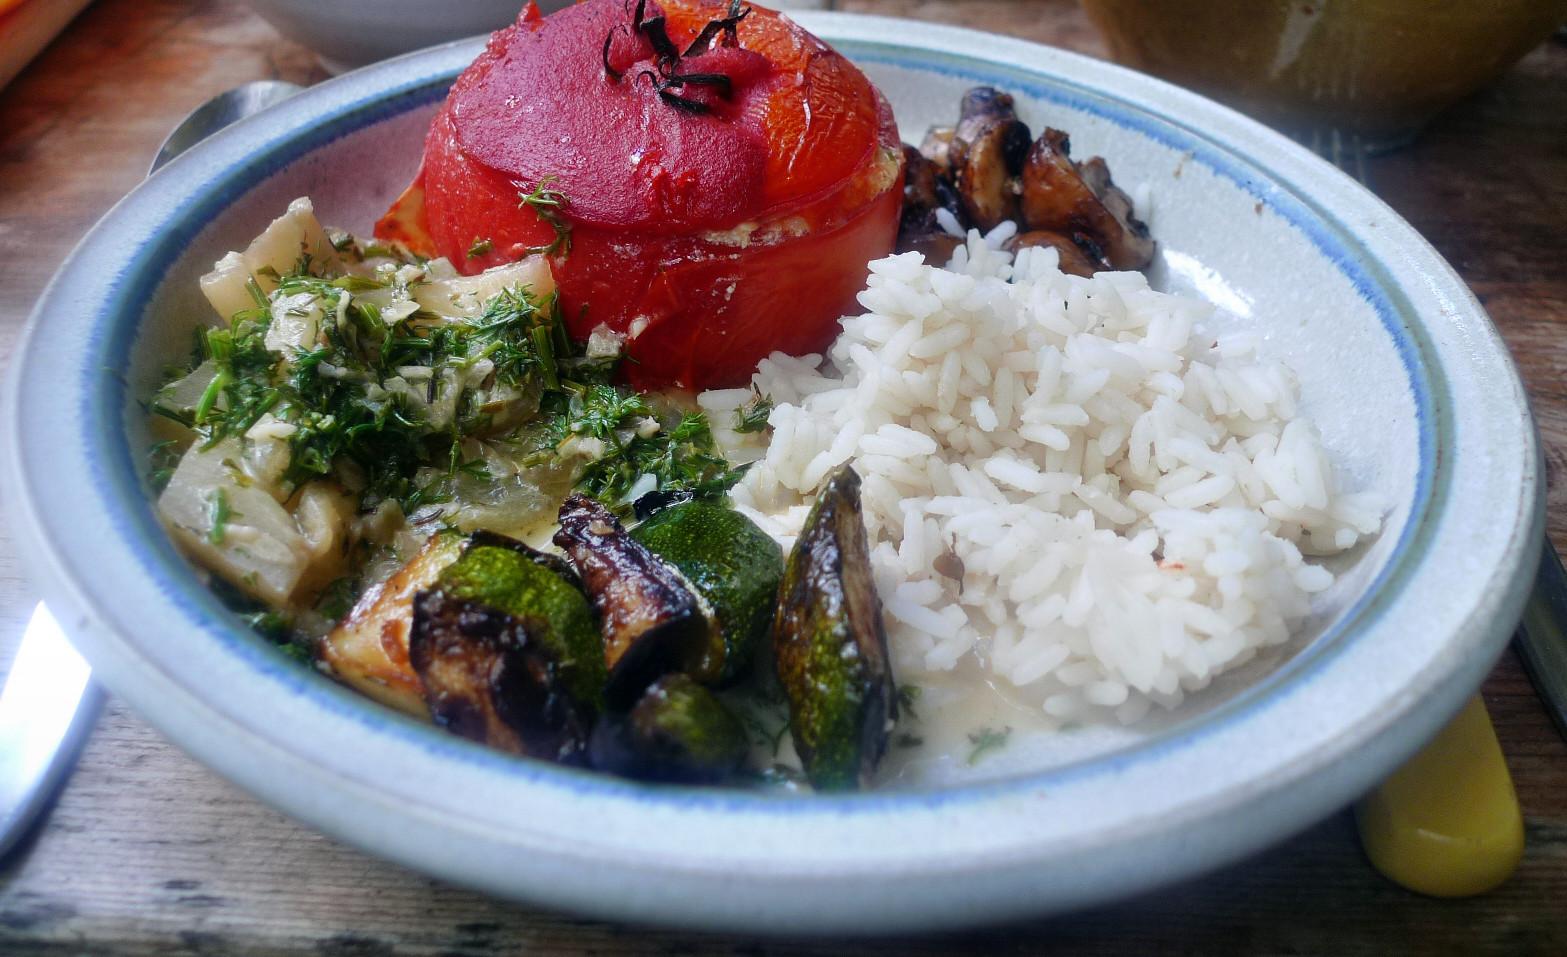 Gefüllte Tomaten,Gurkengemüse,Champignon,Zucchini,Reis-24.7.14   (13)